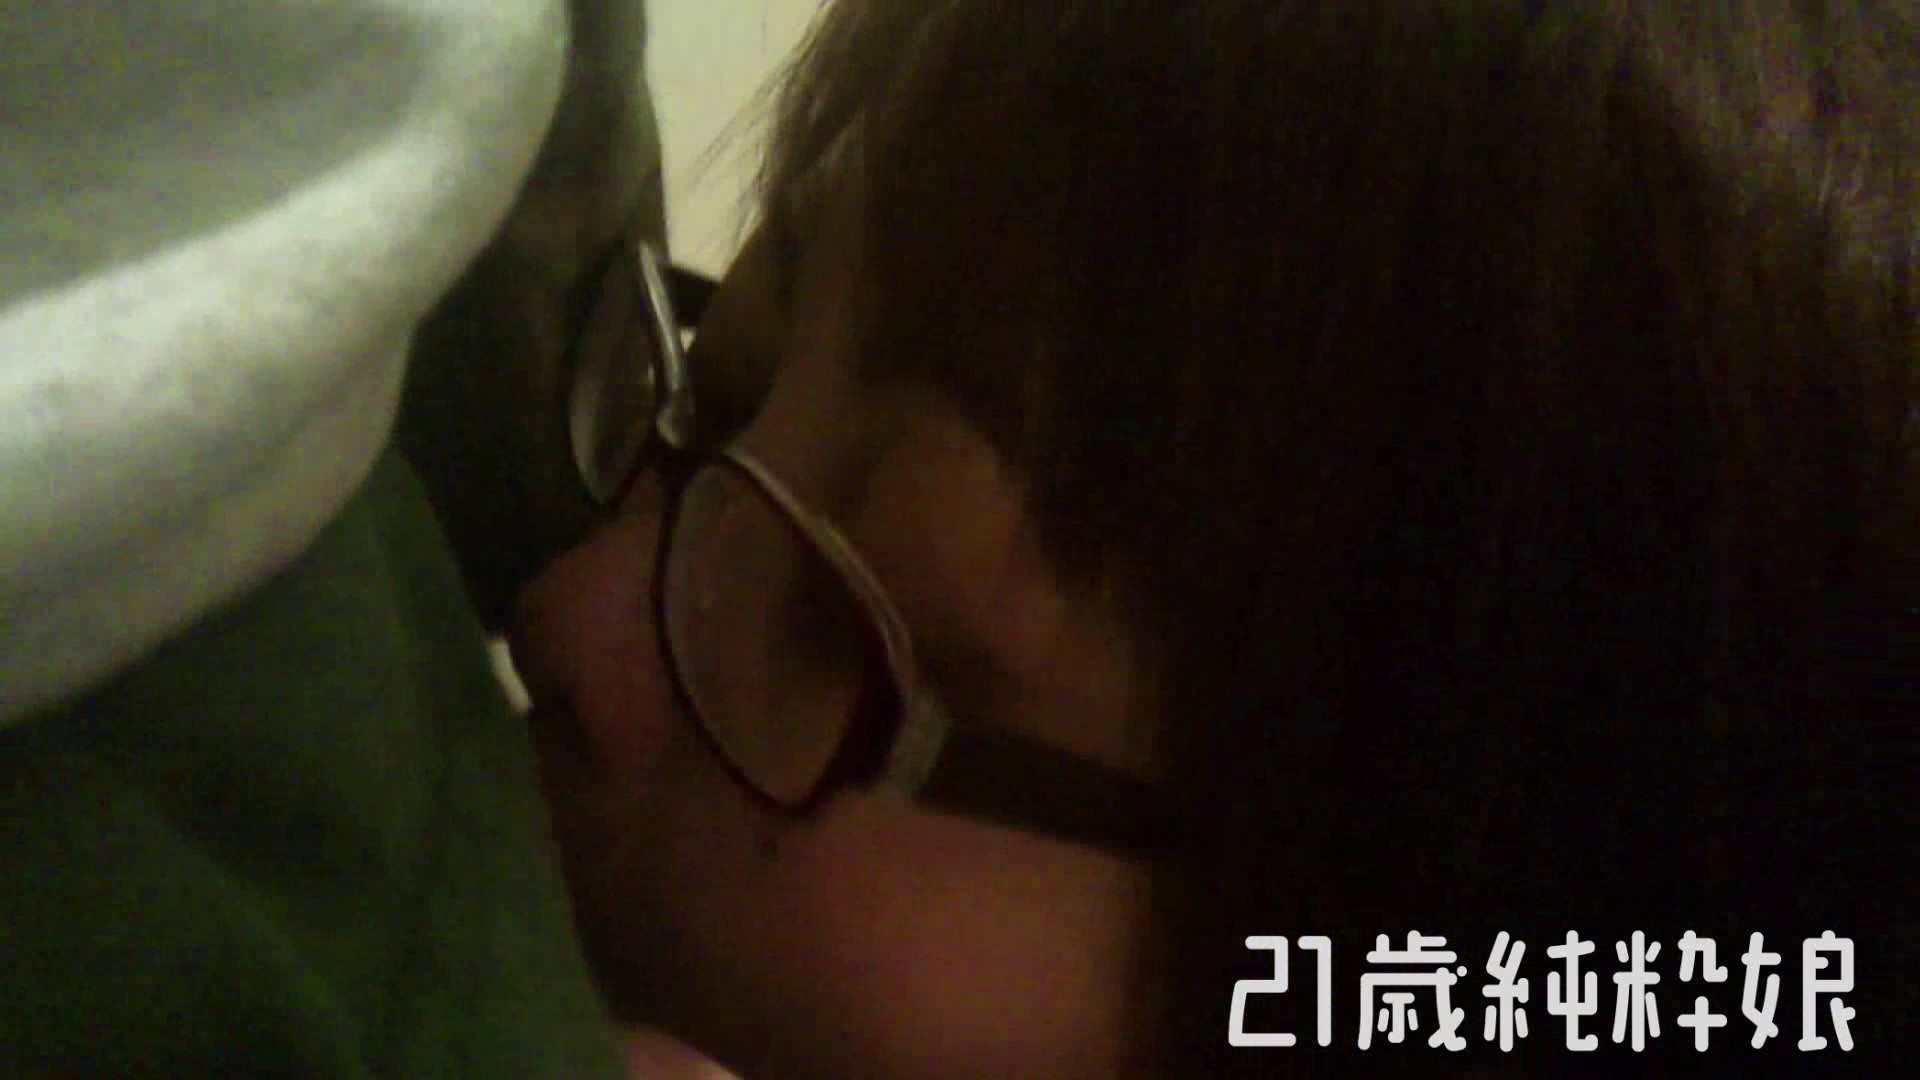 Gカップ21歳純粋嬢第2弾Vol.5 一般投稿  99連発 43